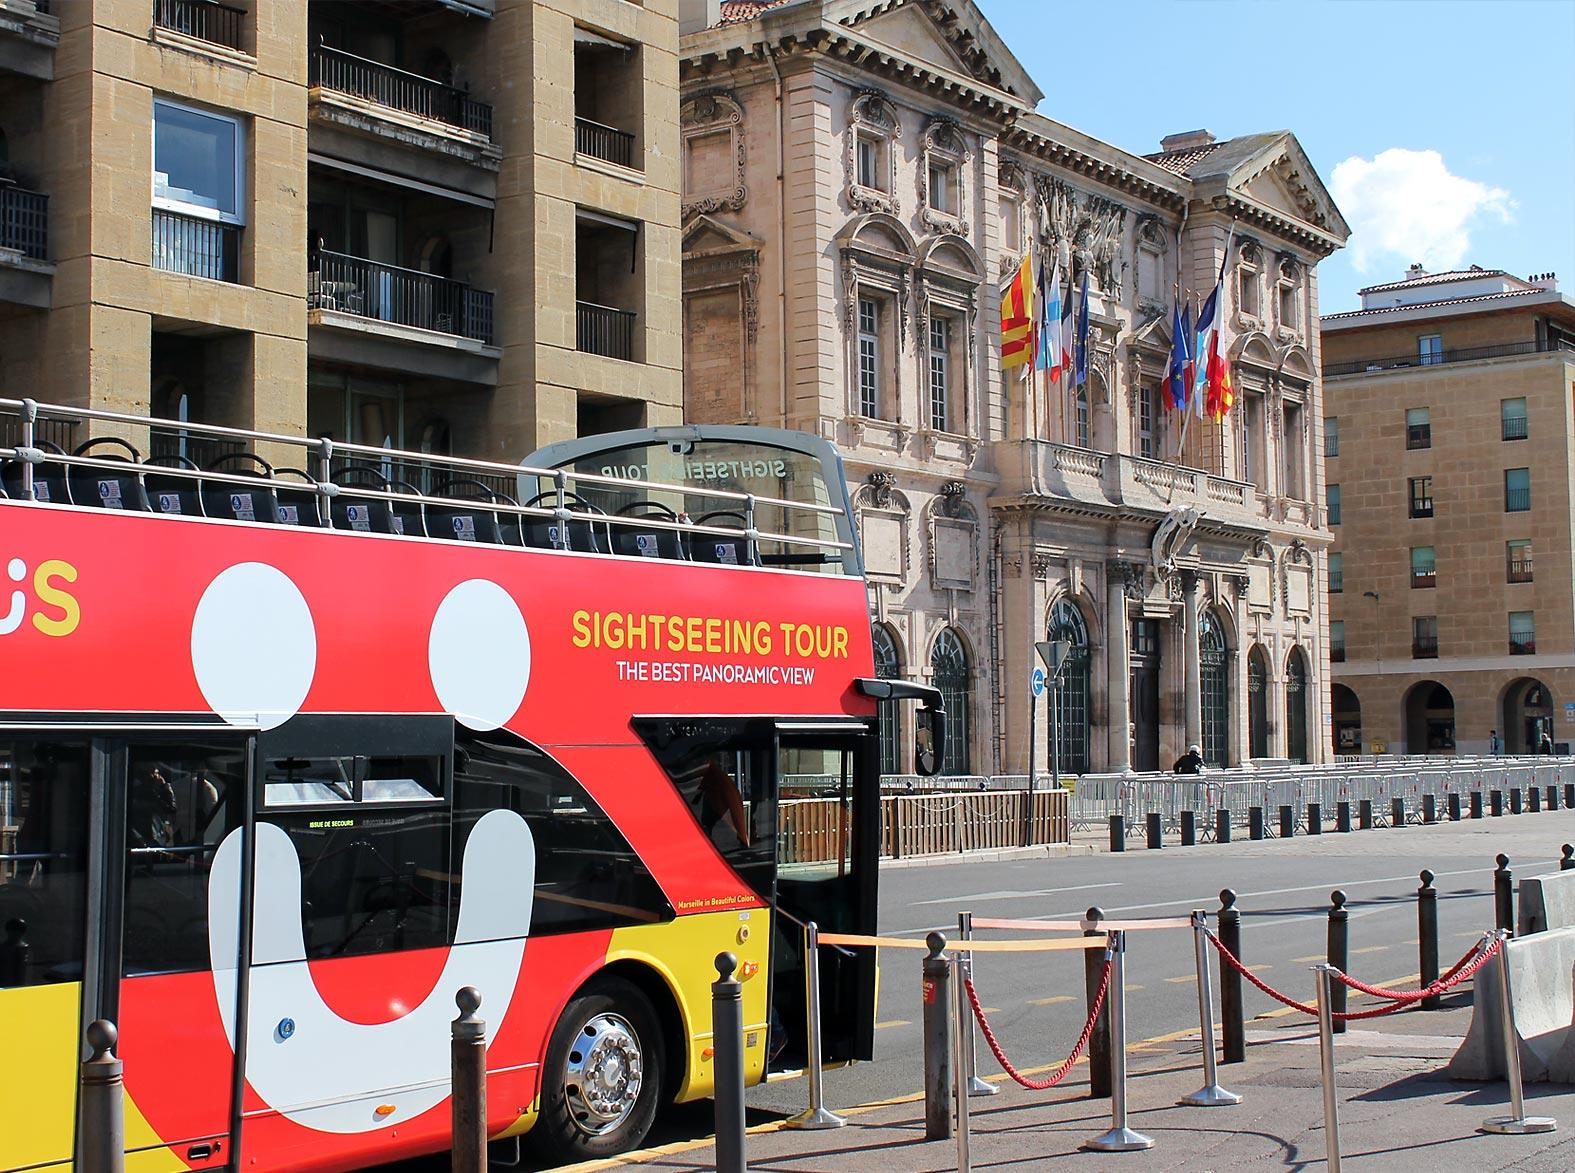 Hôtel de ville de Marseille • Lieu Emblématique de Marseille • Colorbüs